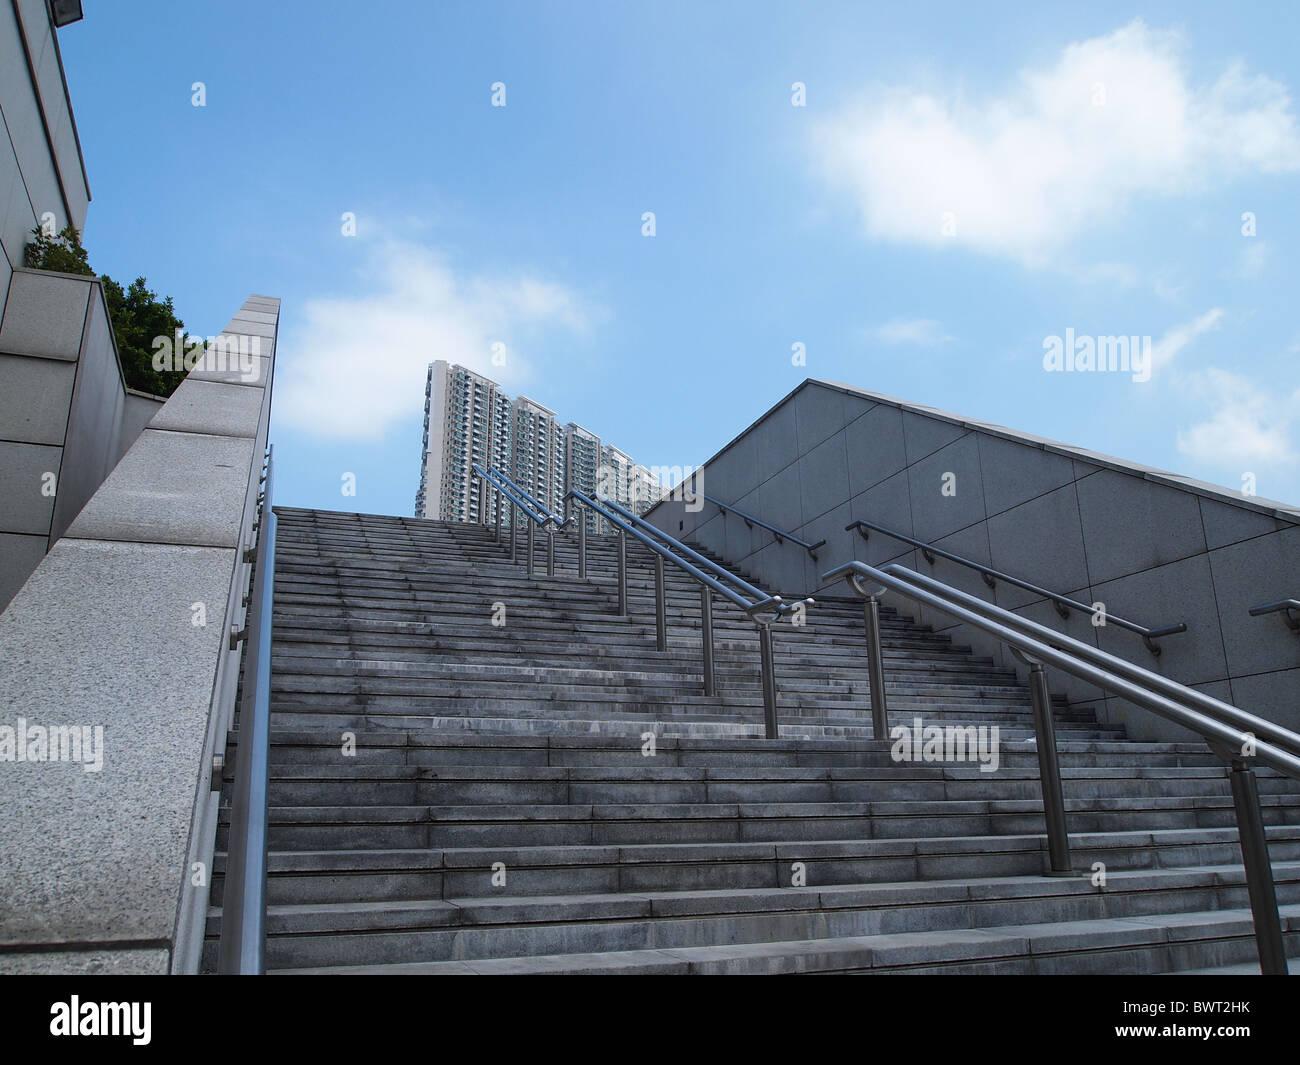 Citygate, Tung Chung, Hong Kong - Stock Image